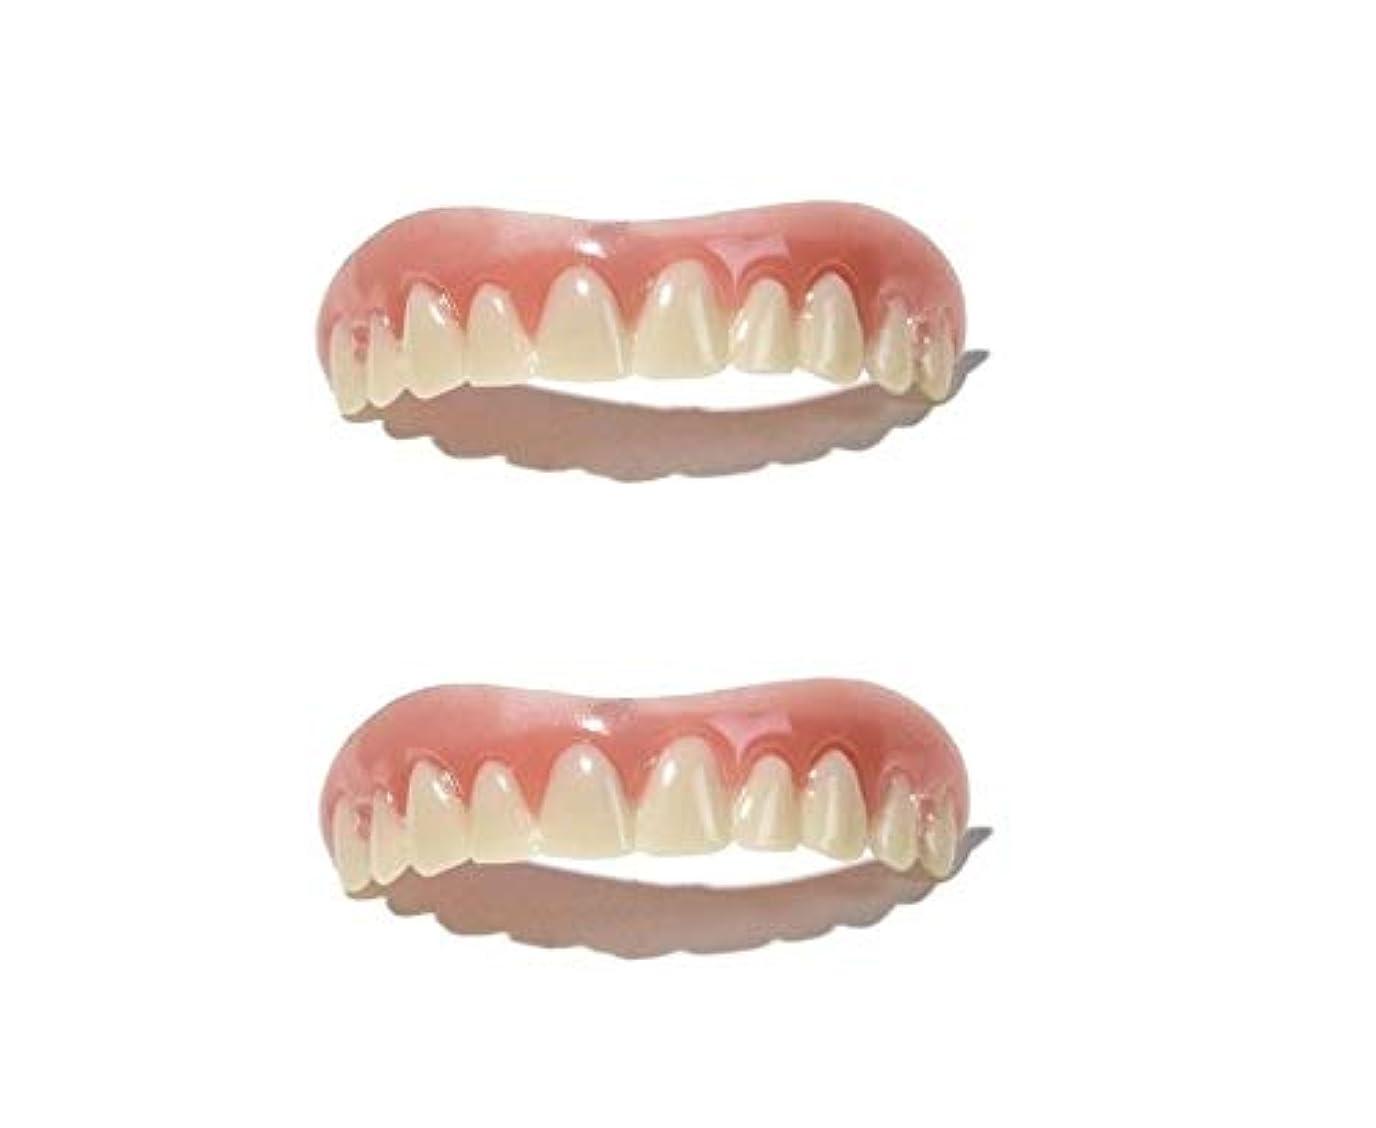 正気プレミアムキウイインスタント 美容 入れ歯 上歯 2個セット (free size (Medium)